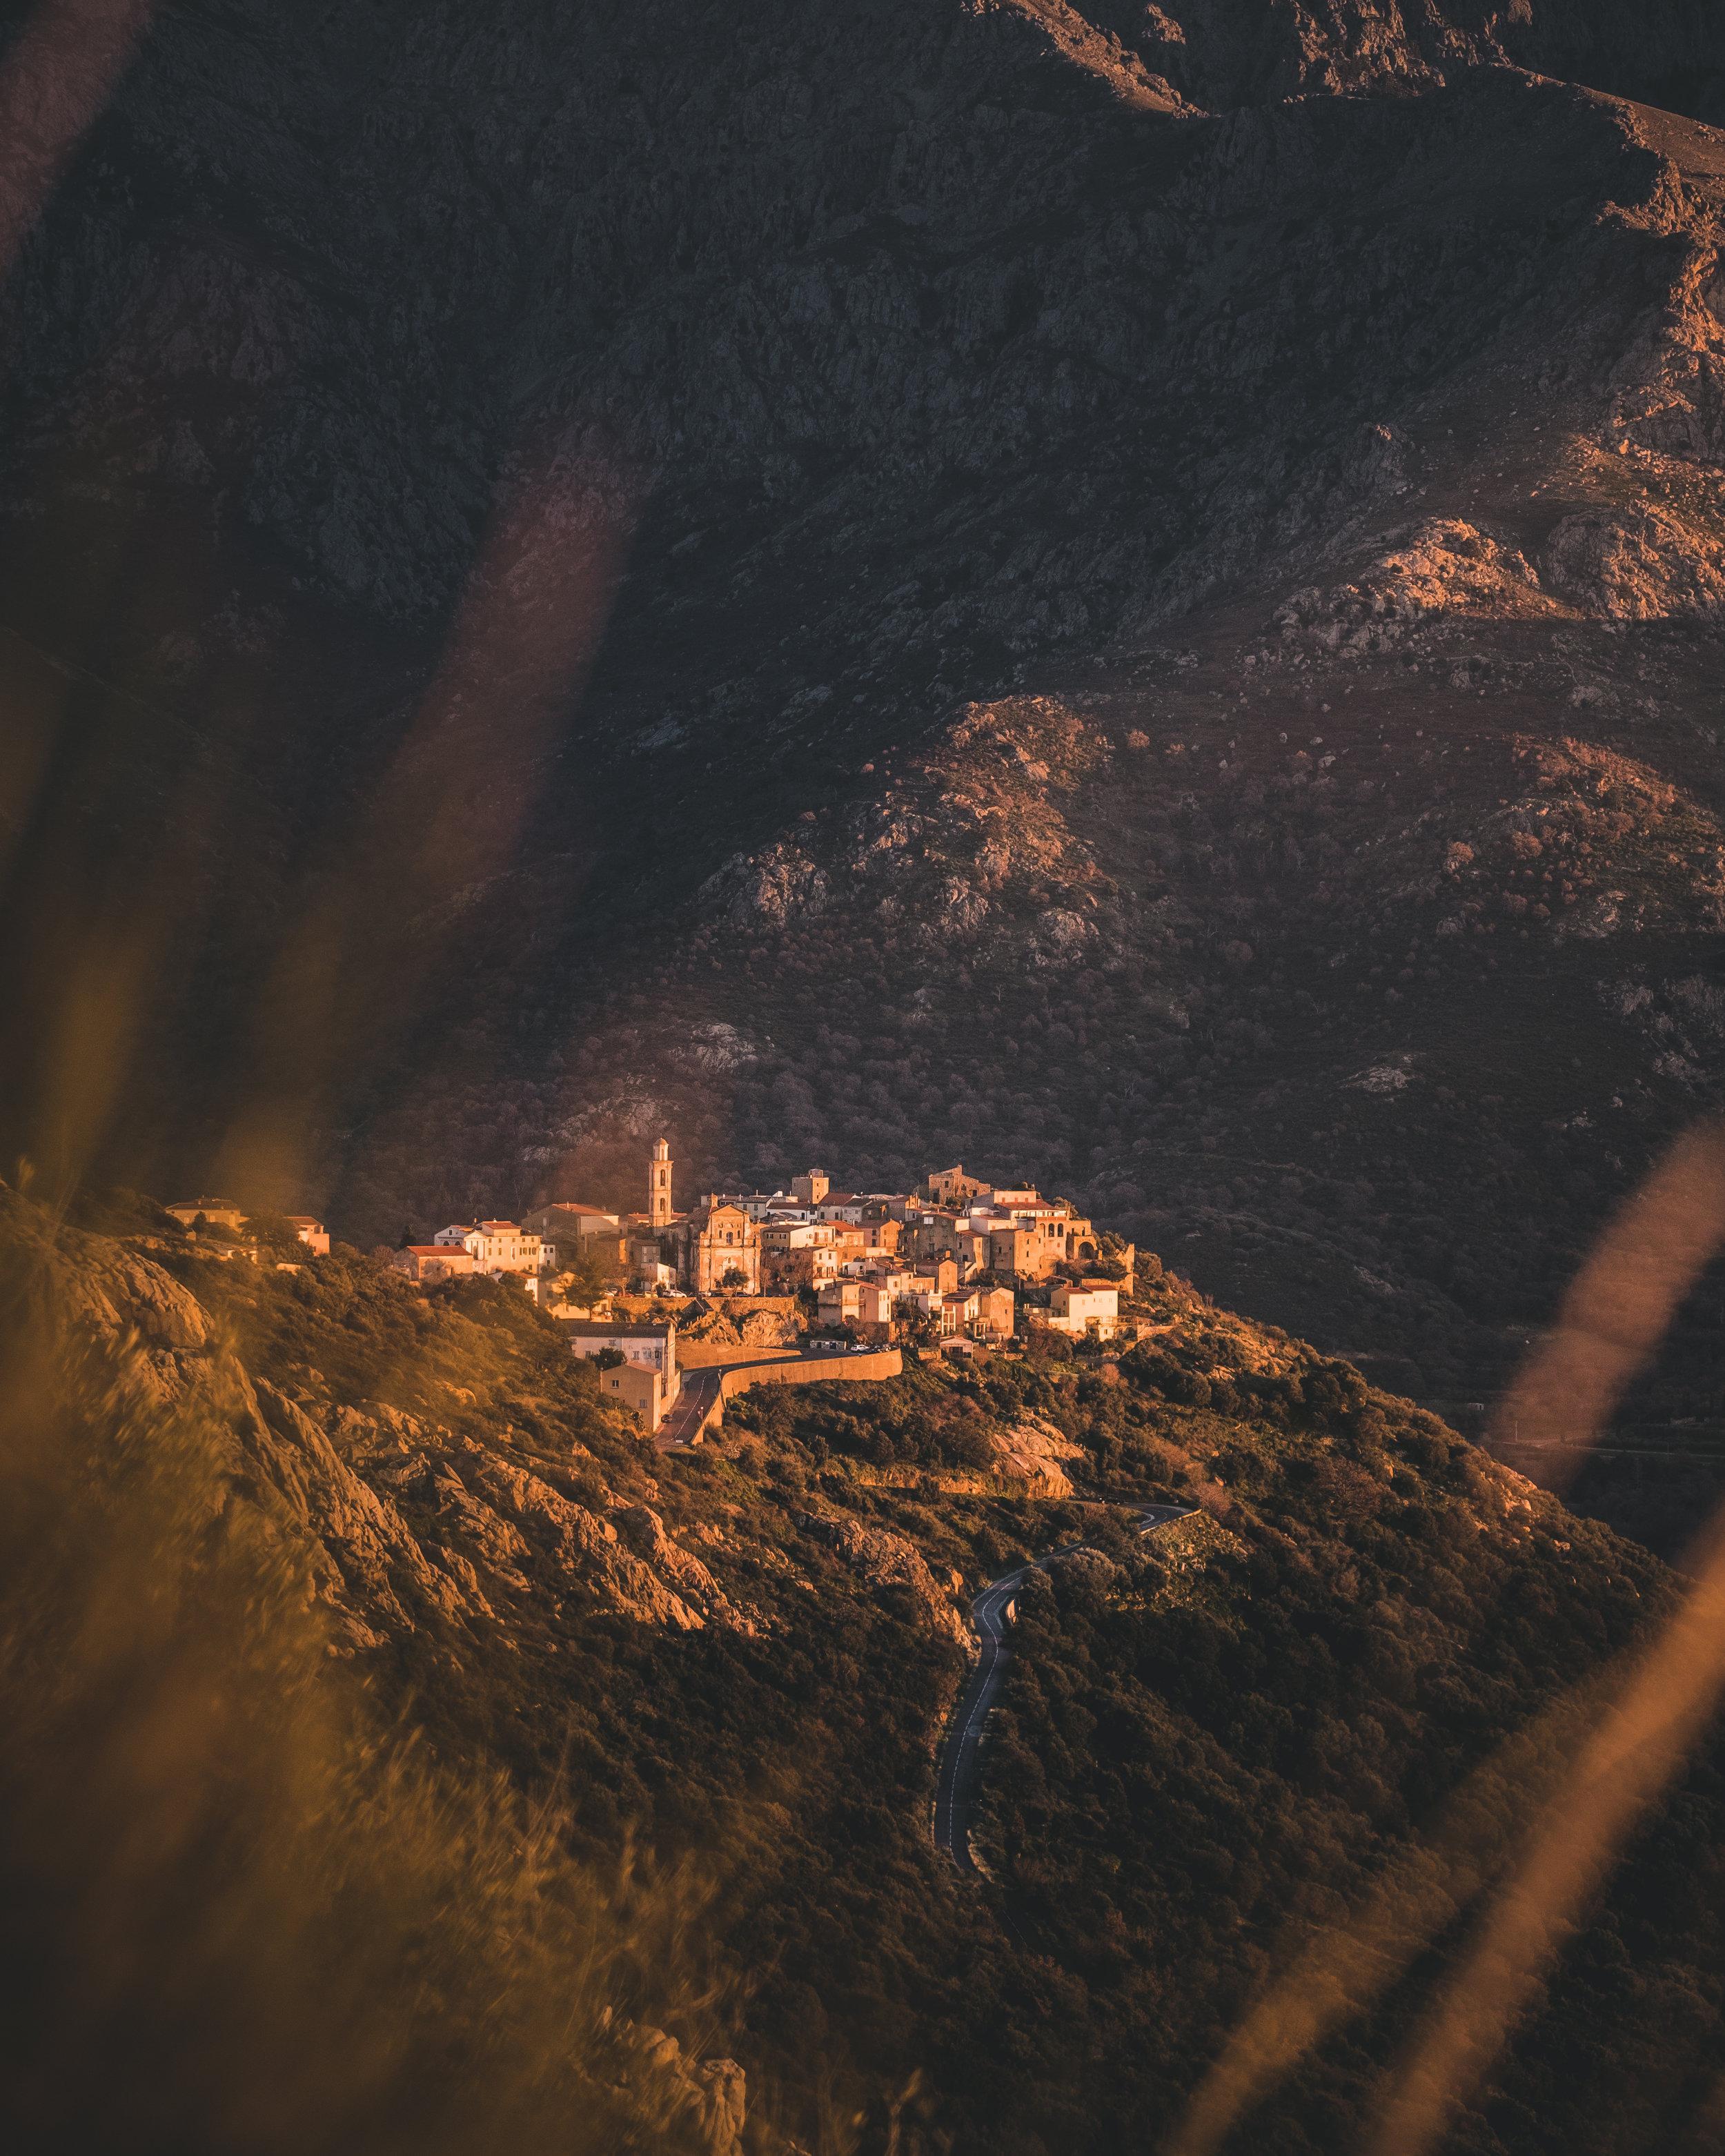 The village Montemaggiore